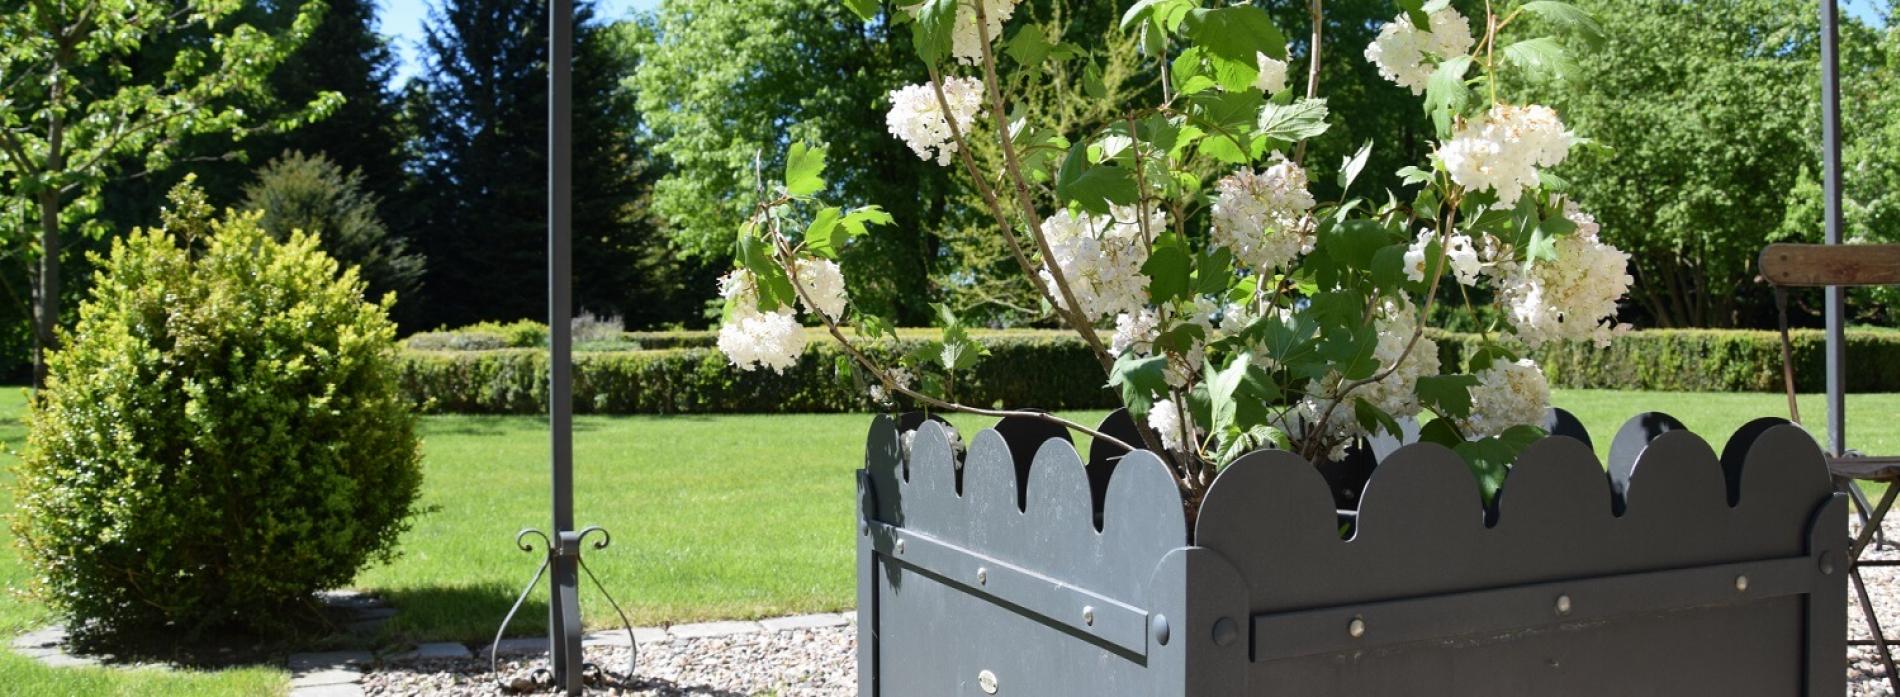 Gutshaus Volzrade Garten Hortensie